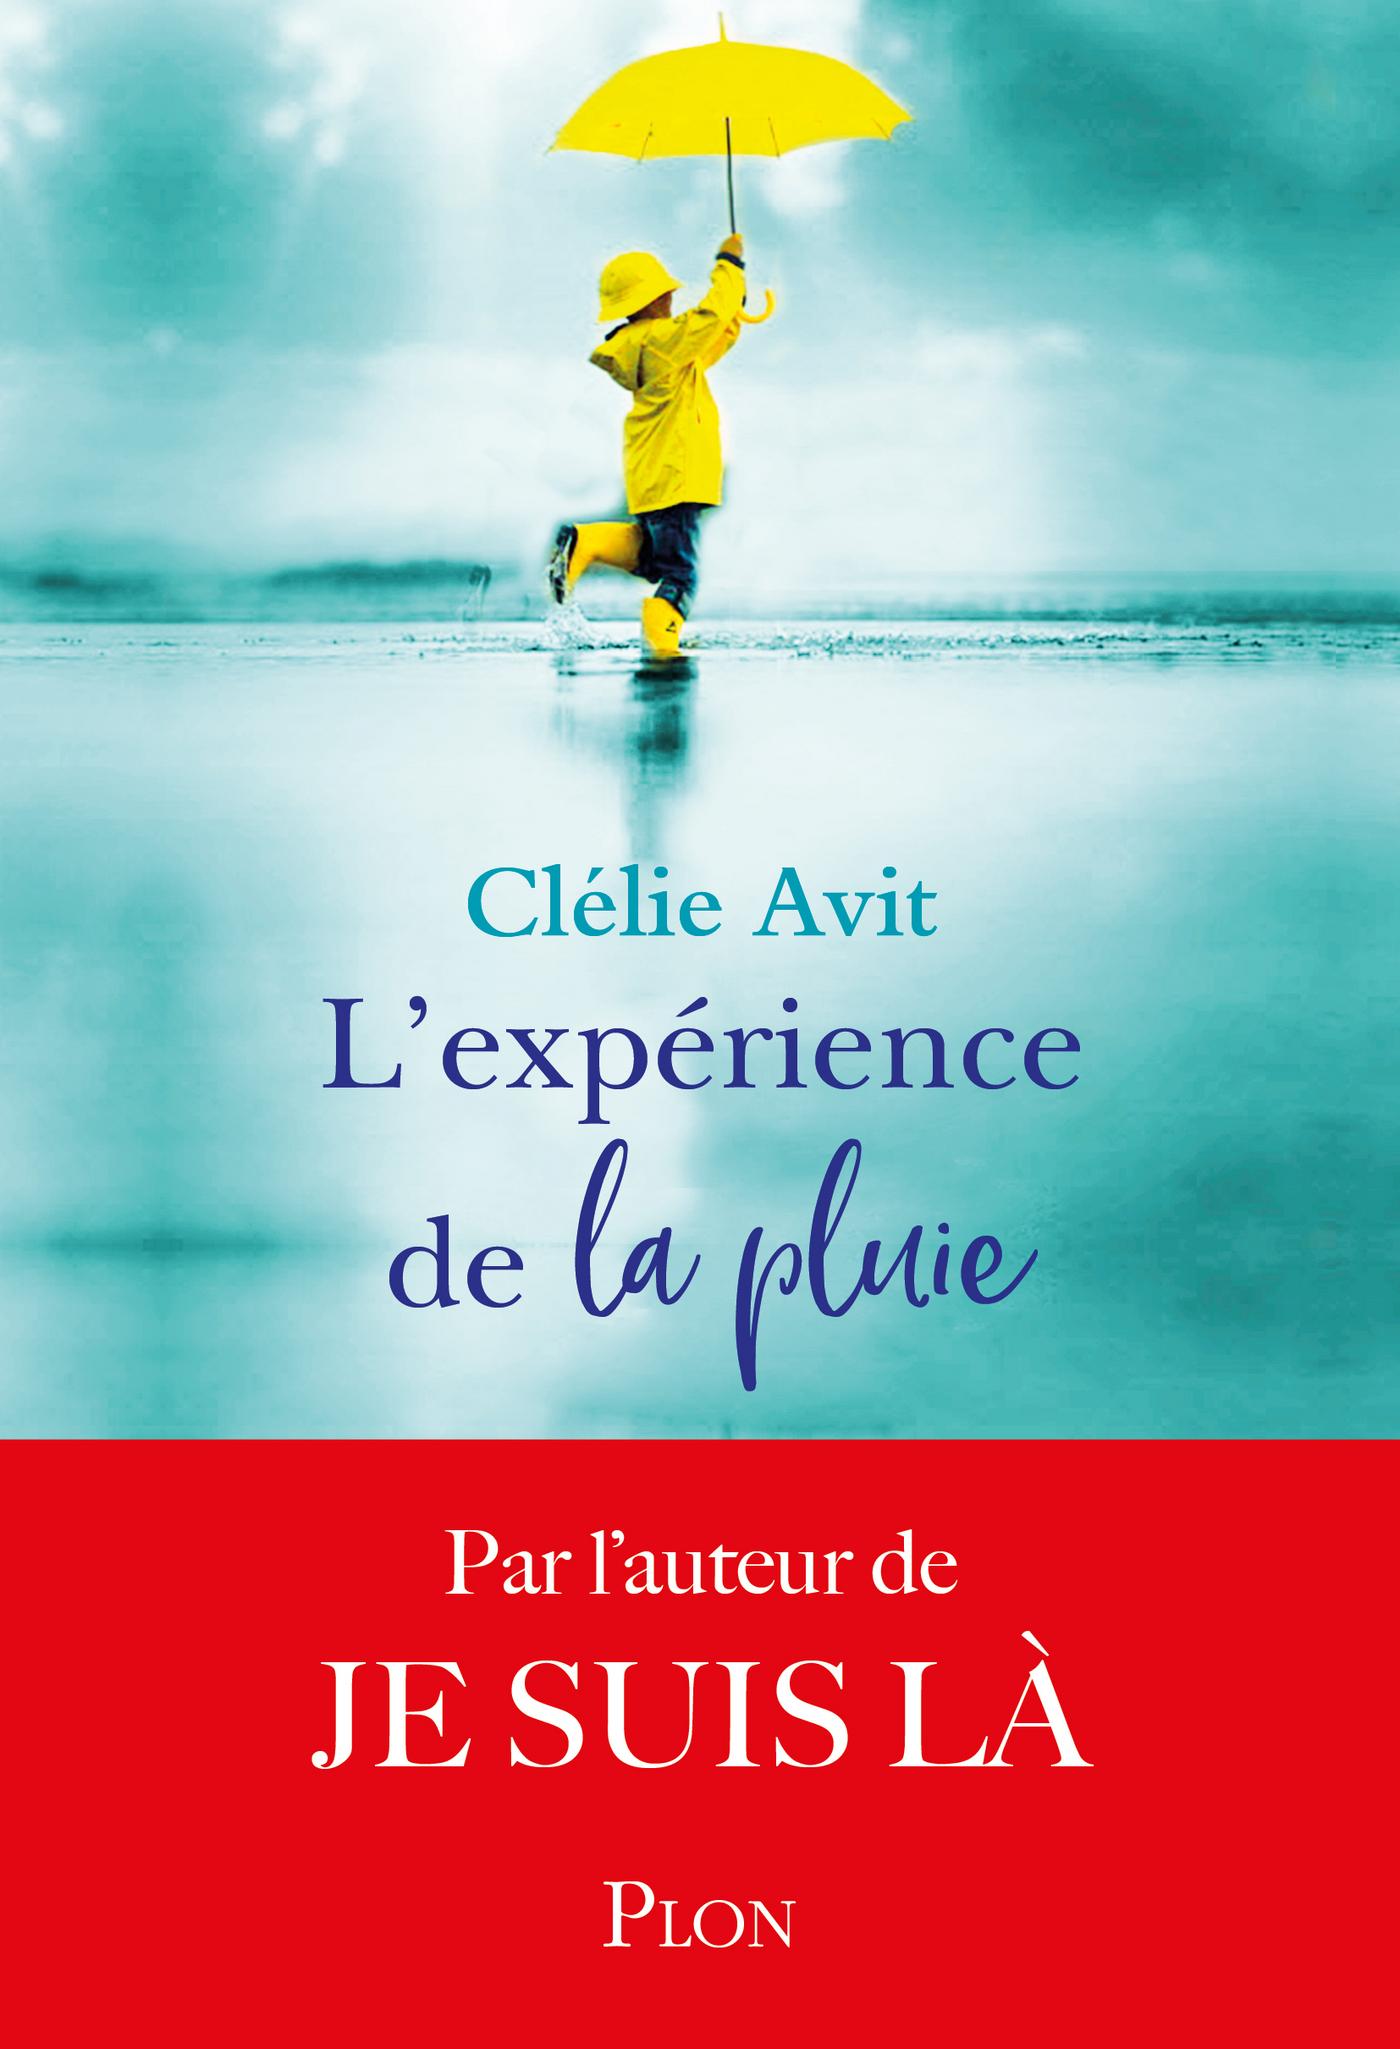 L'expérience de la pluie | AVIT, Clélie